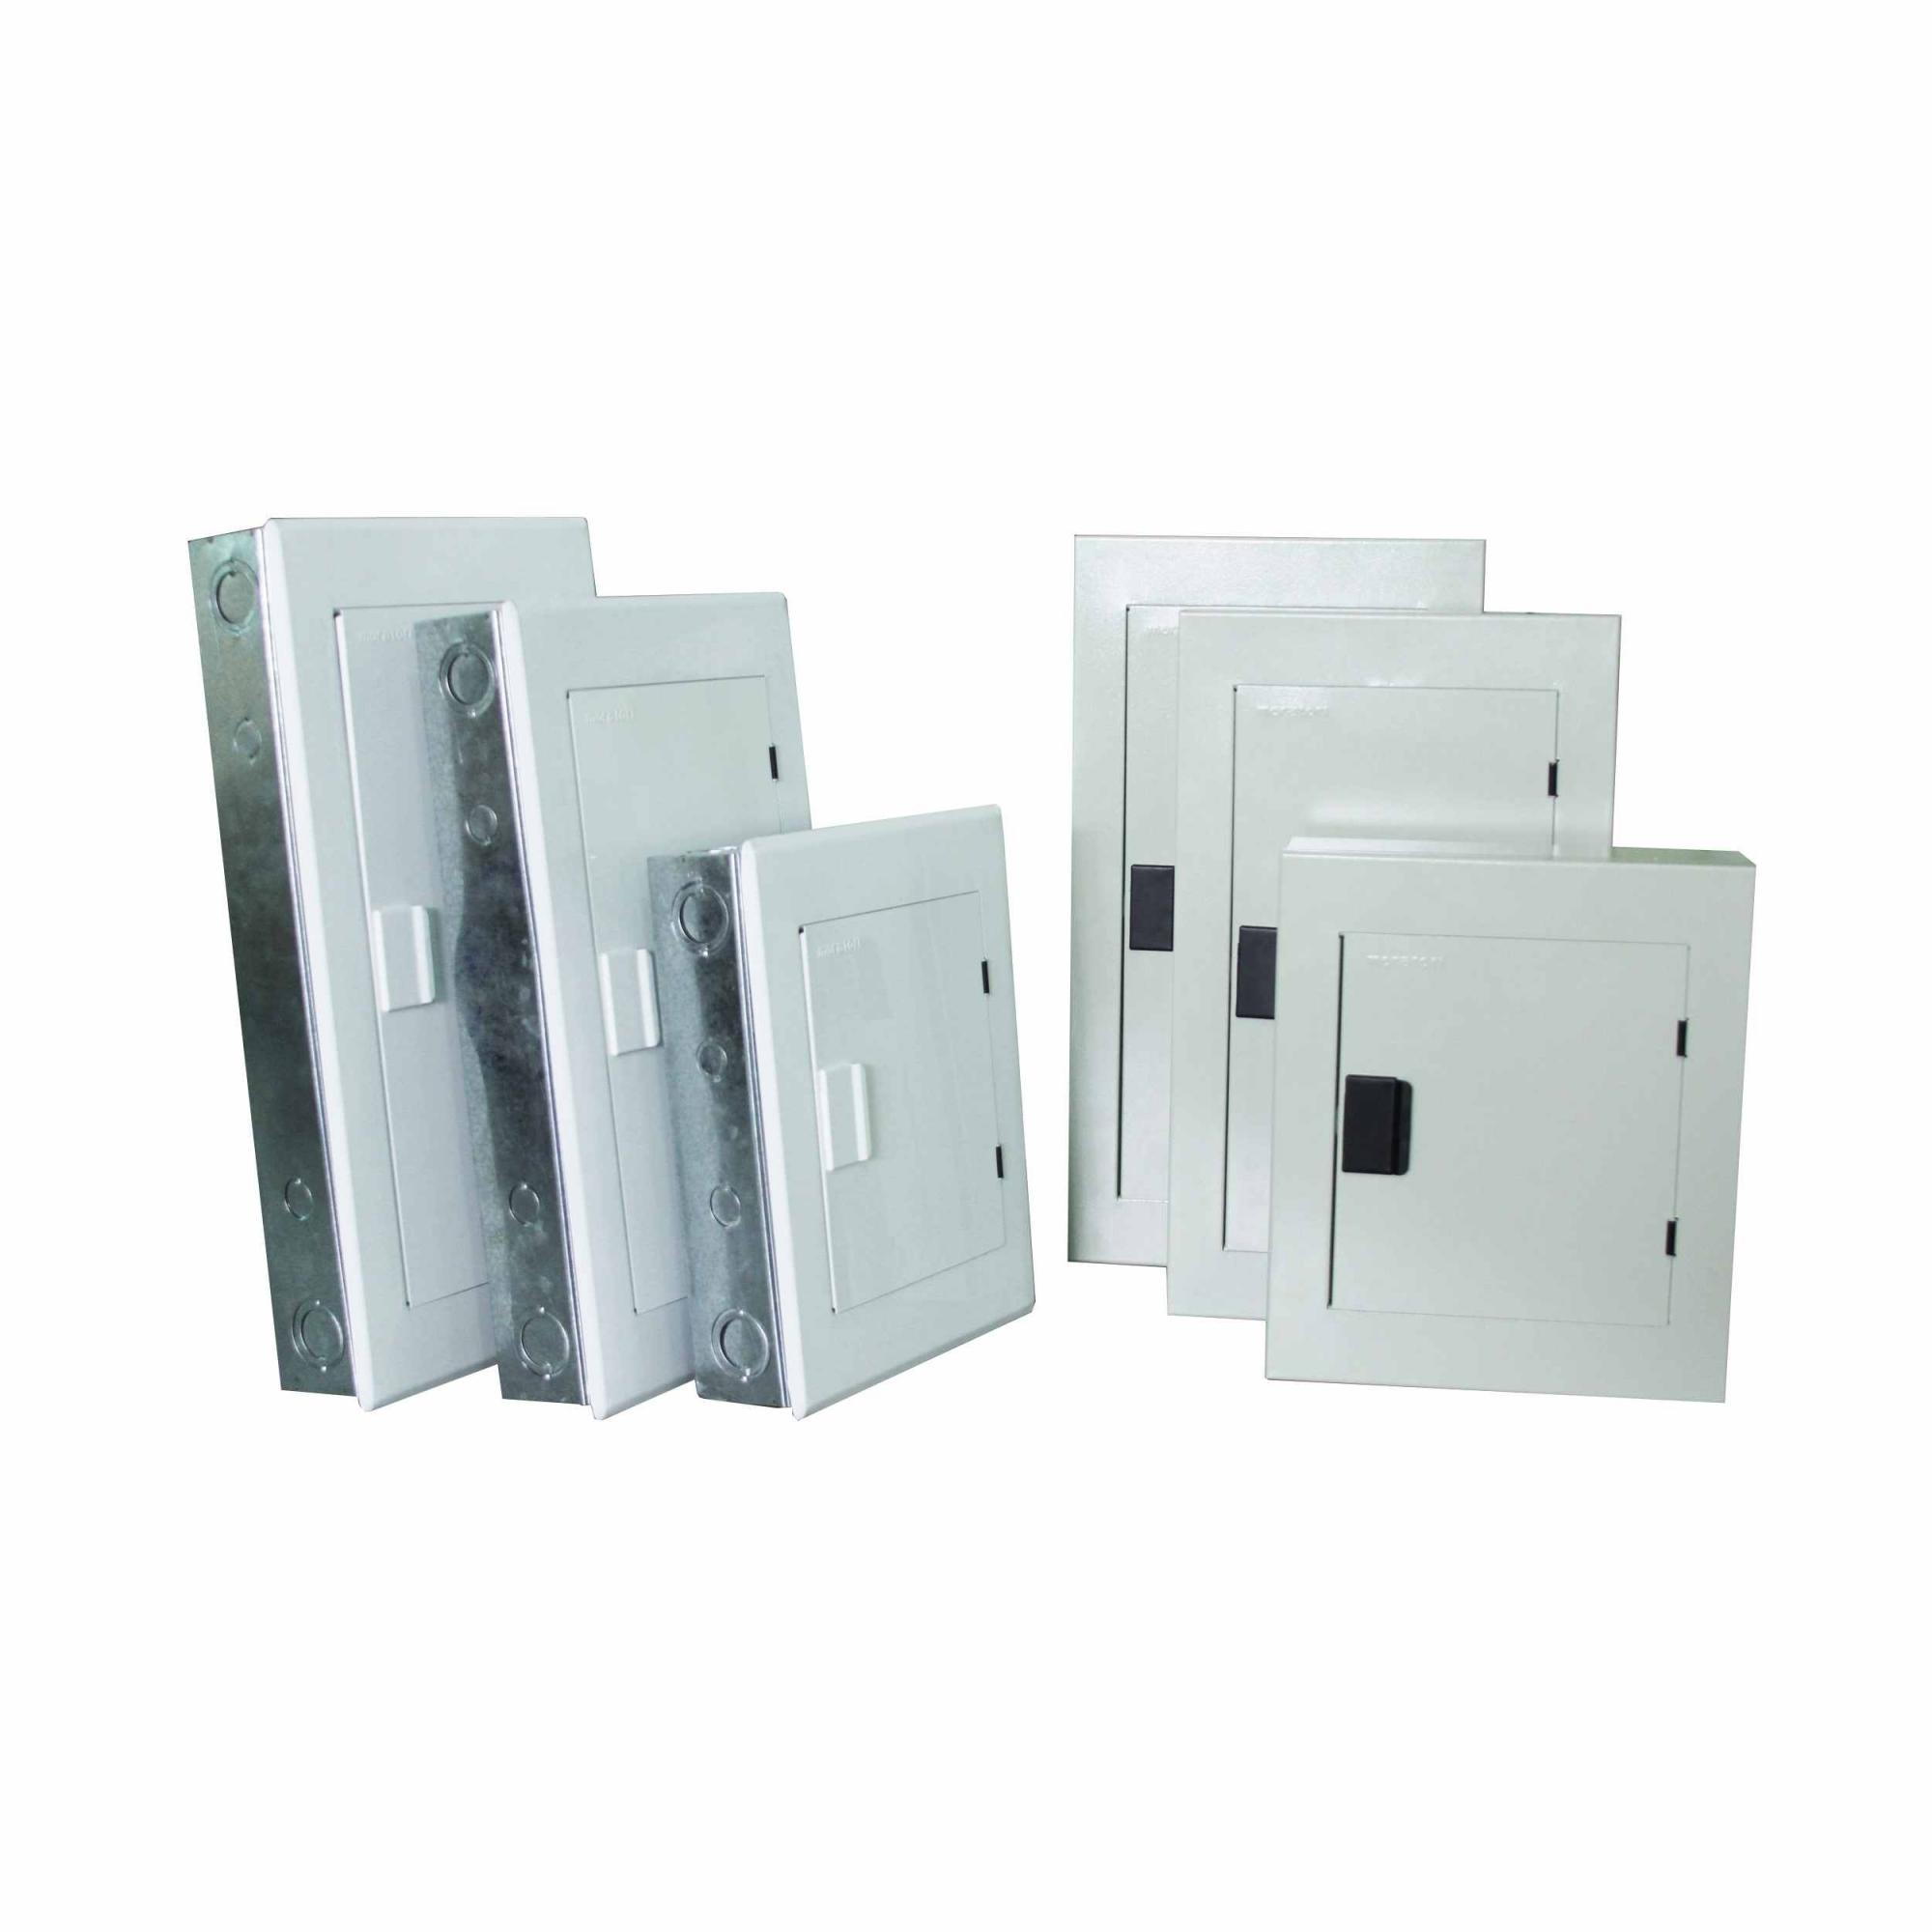 Quadro De Distribuição Sob Metal 42 Disj C/ Barr 100a   - A ELETRICA ONLINE